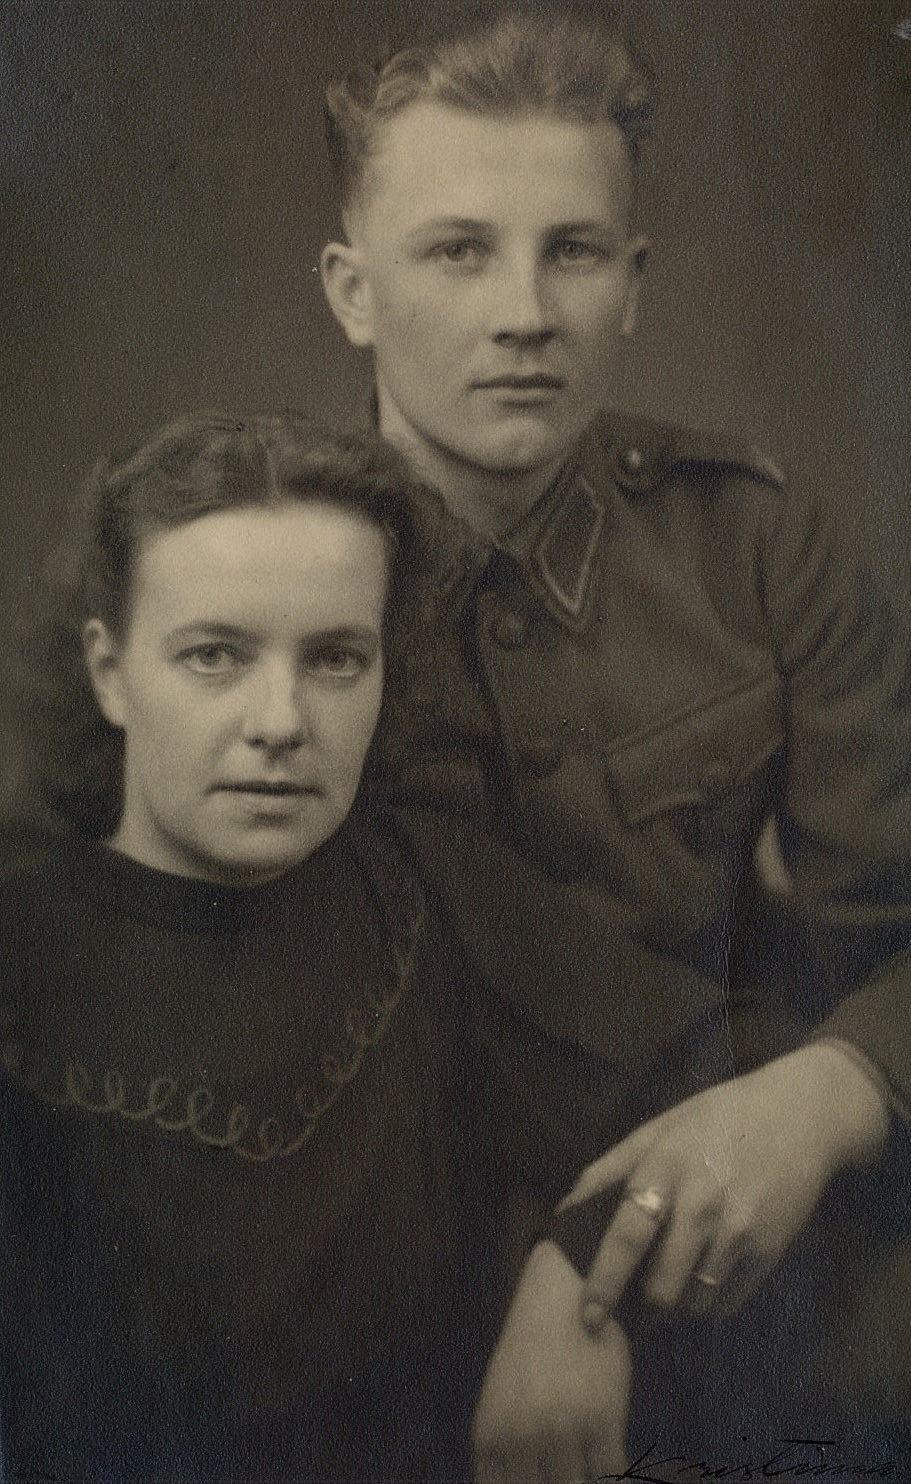 Förlovningsfoto med Egil Storkull och Elvi Holmudd.